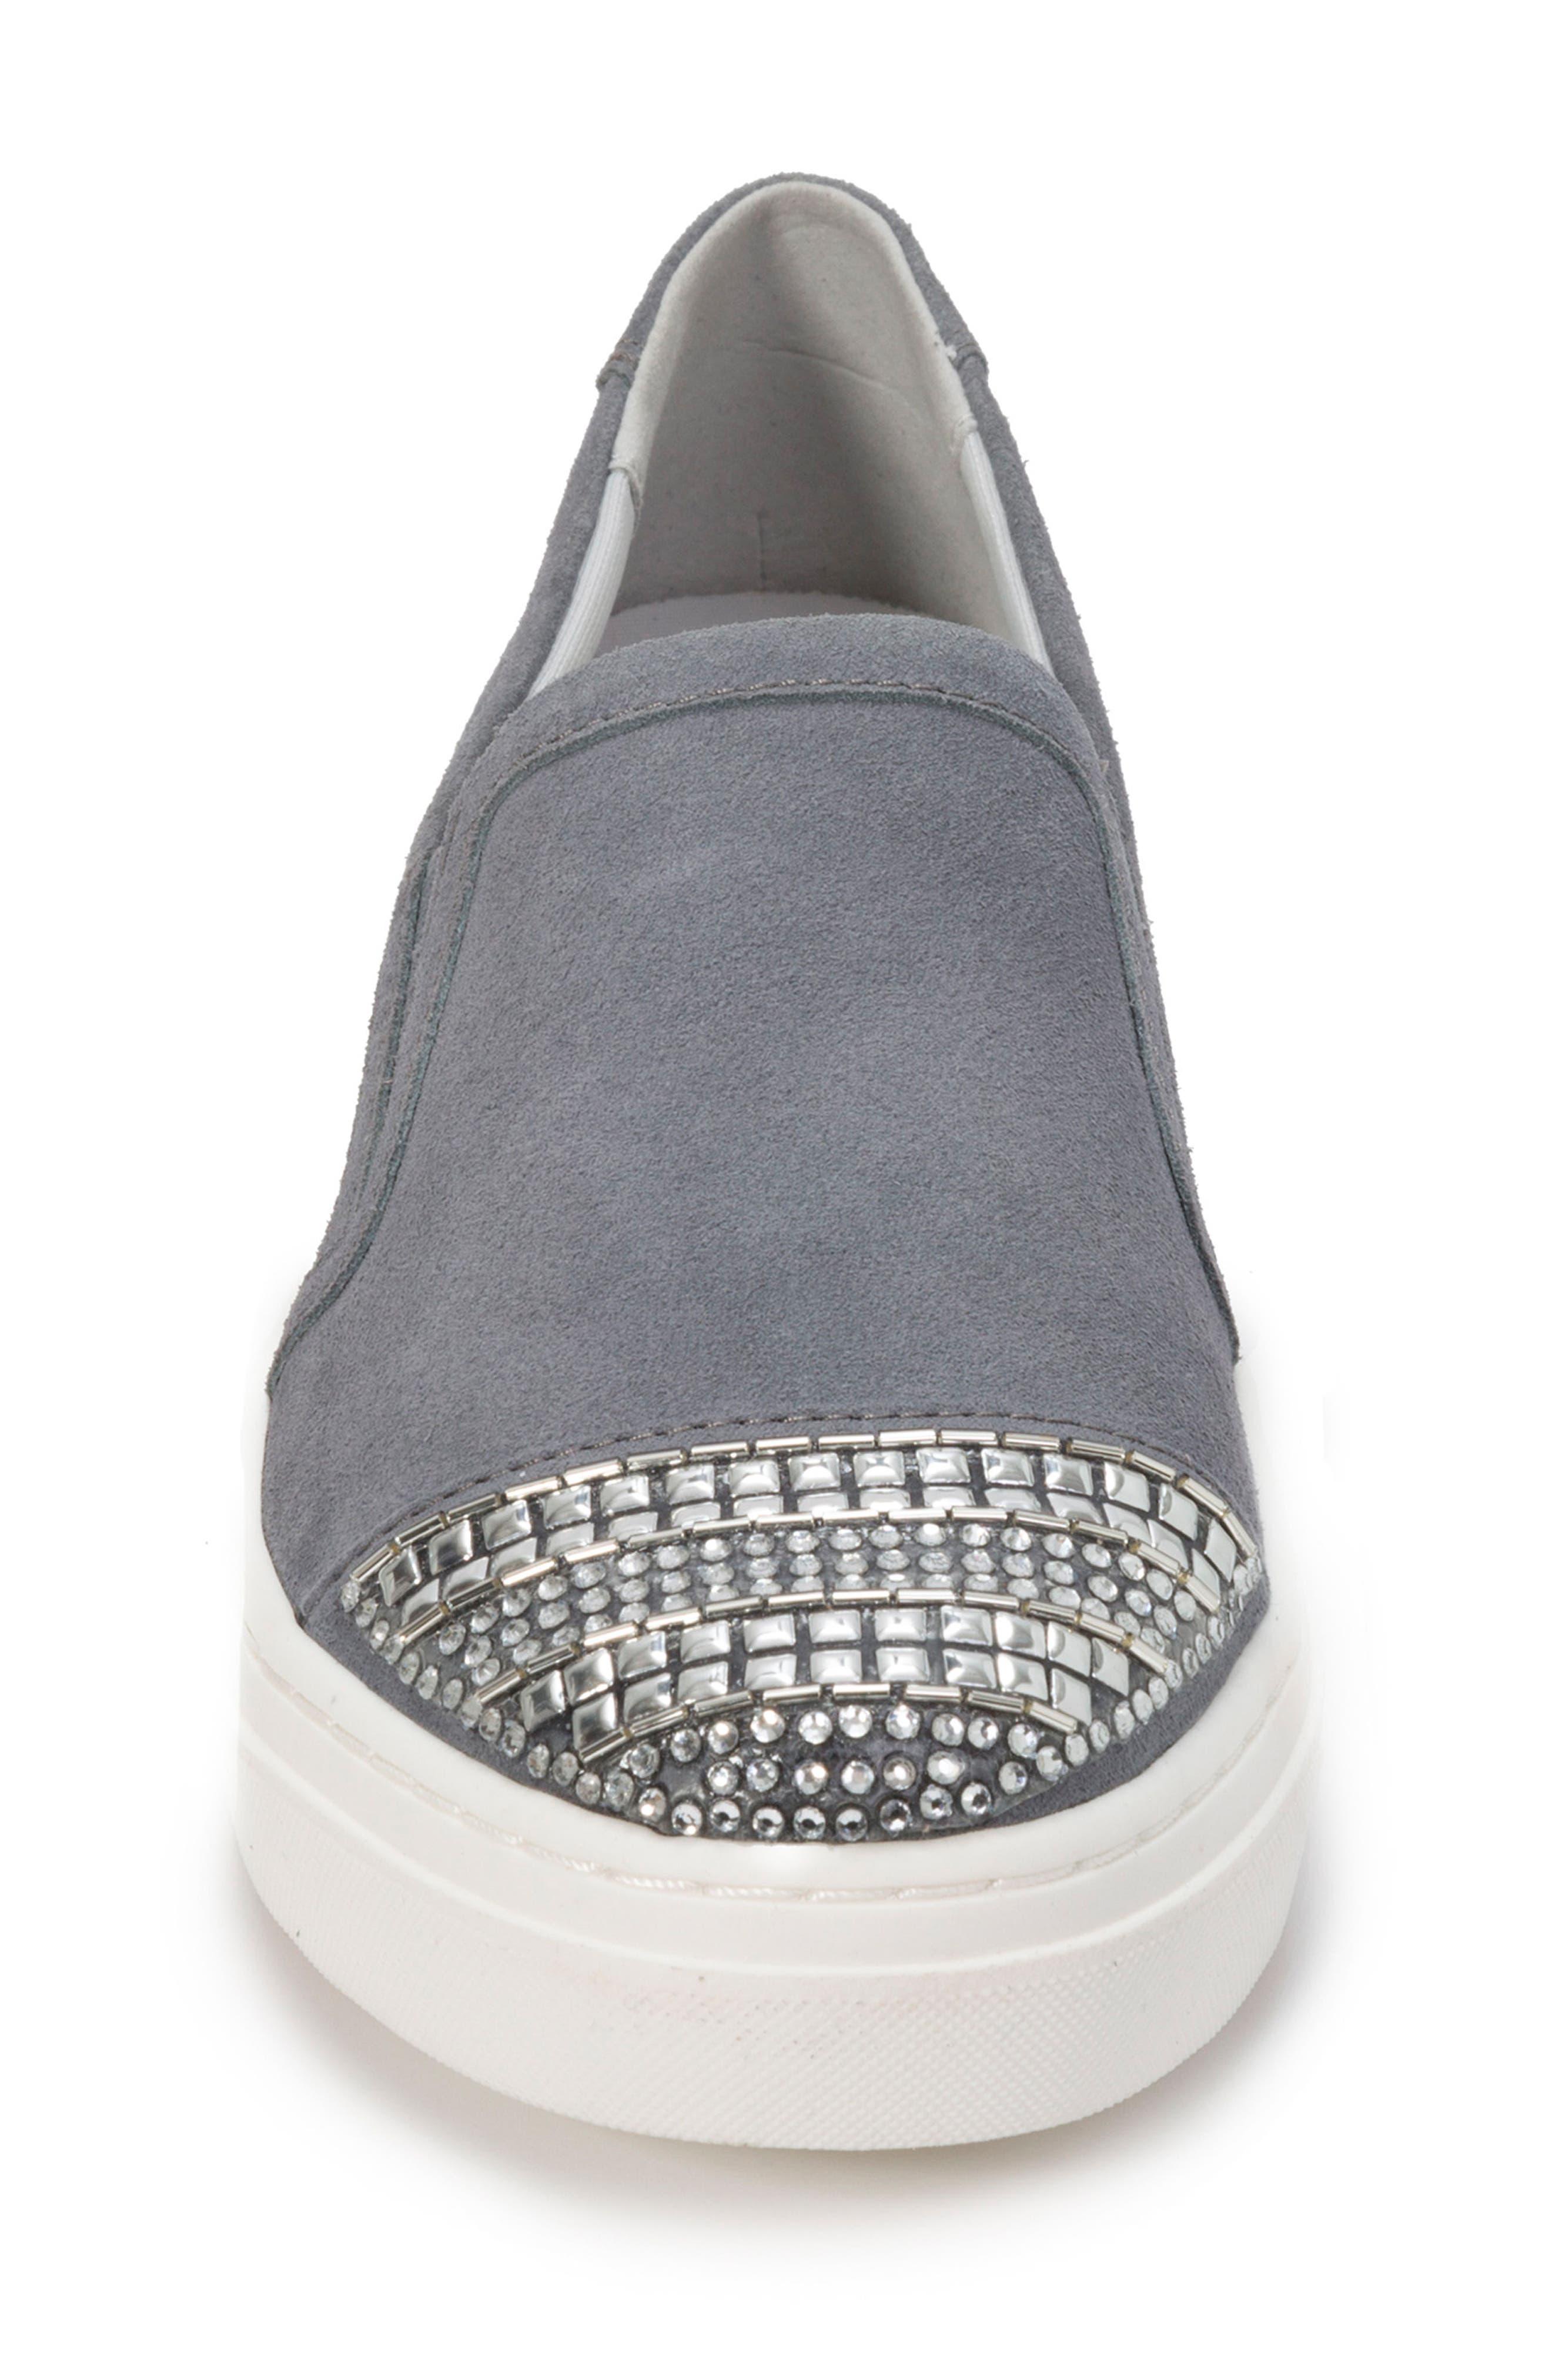 Finley Slip-On Sneaker,                             Alternate thumbnail 4, color,                             DENIM BLUE SUEDE